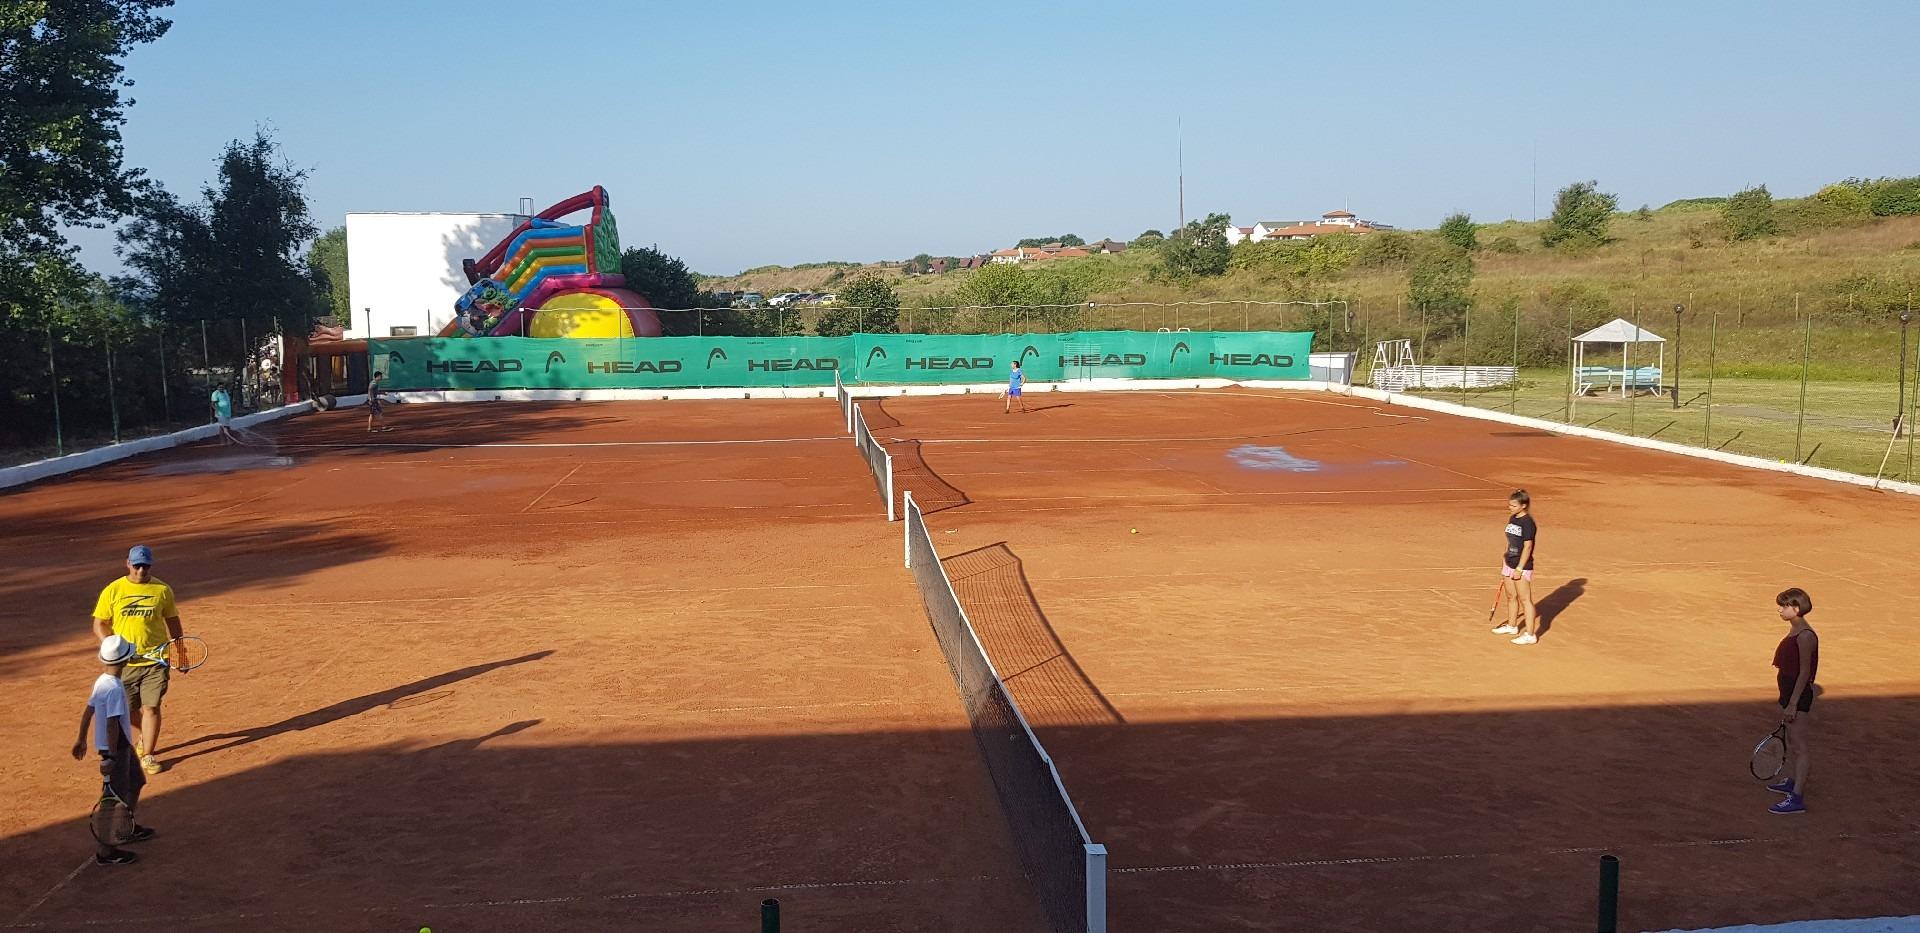 летни езикови лагери за деца Z кемп, ден 31 - следобеден спорт, тенис на корт